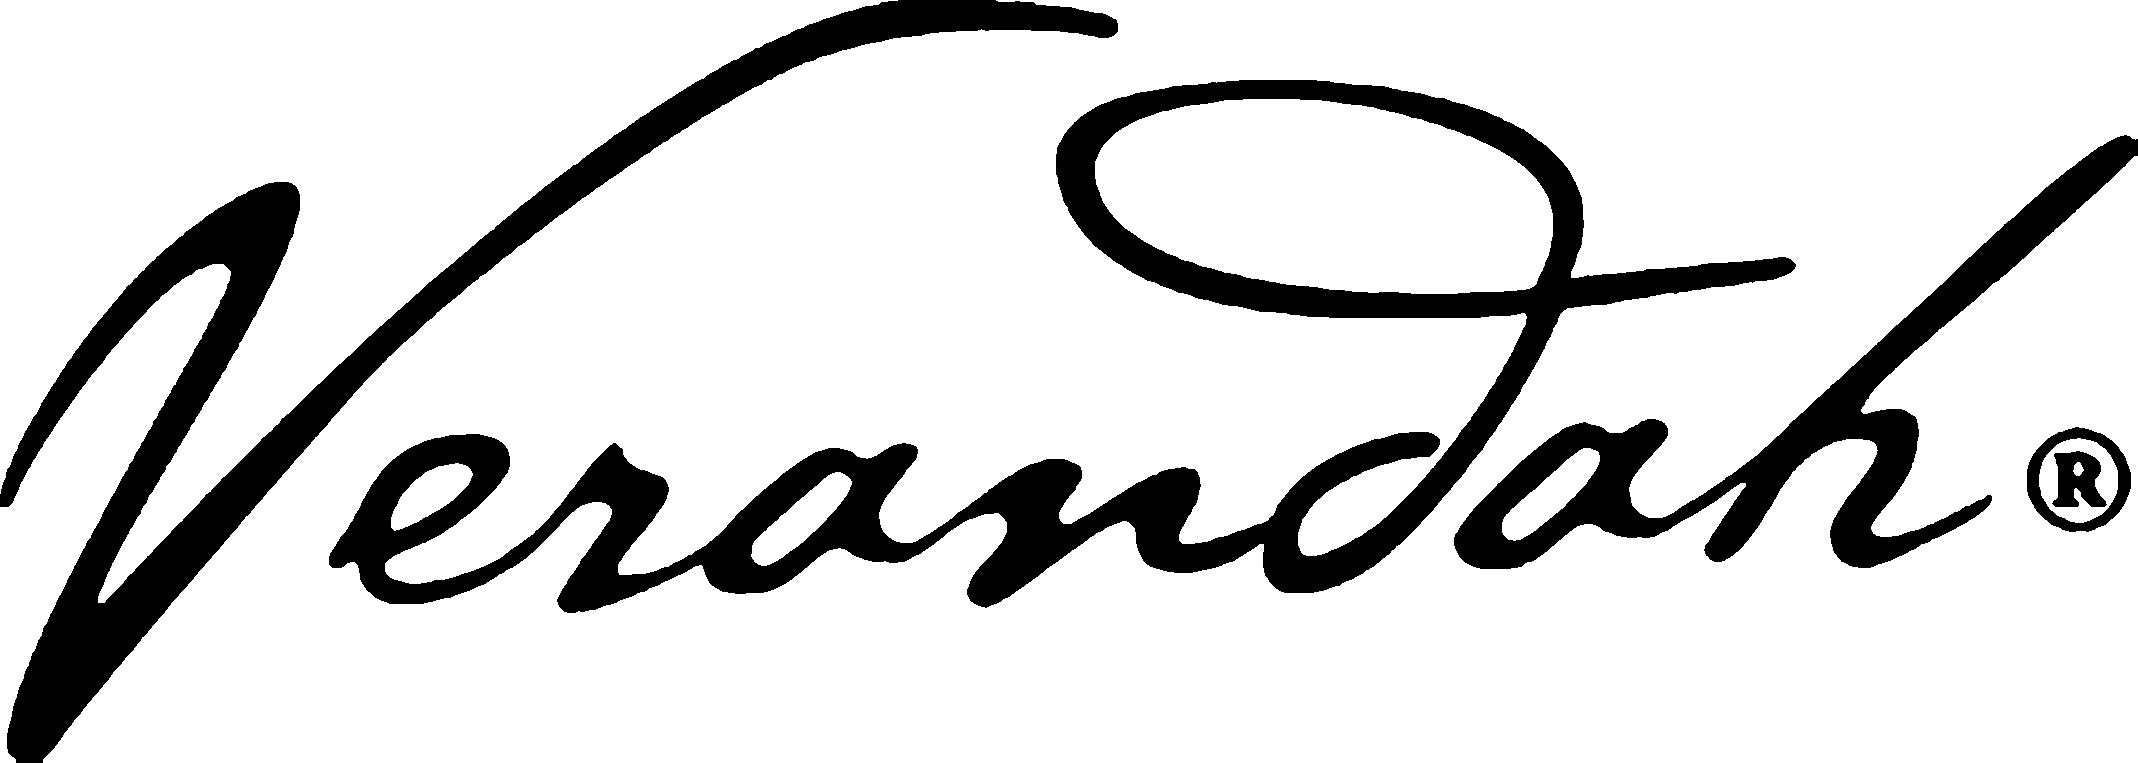 Presenting Sponsor - Verandah - Logo